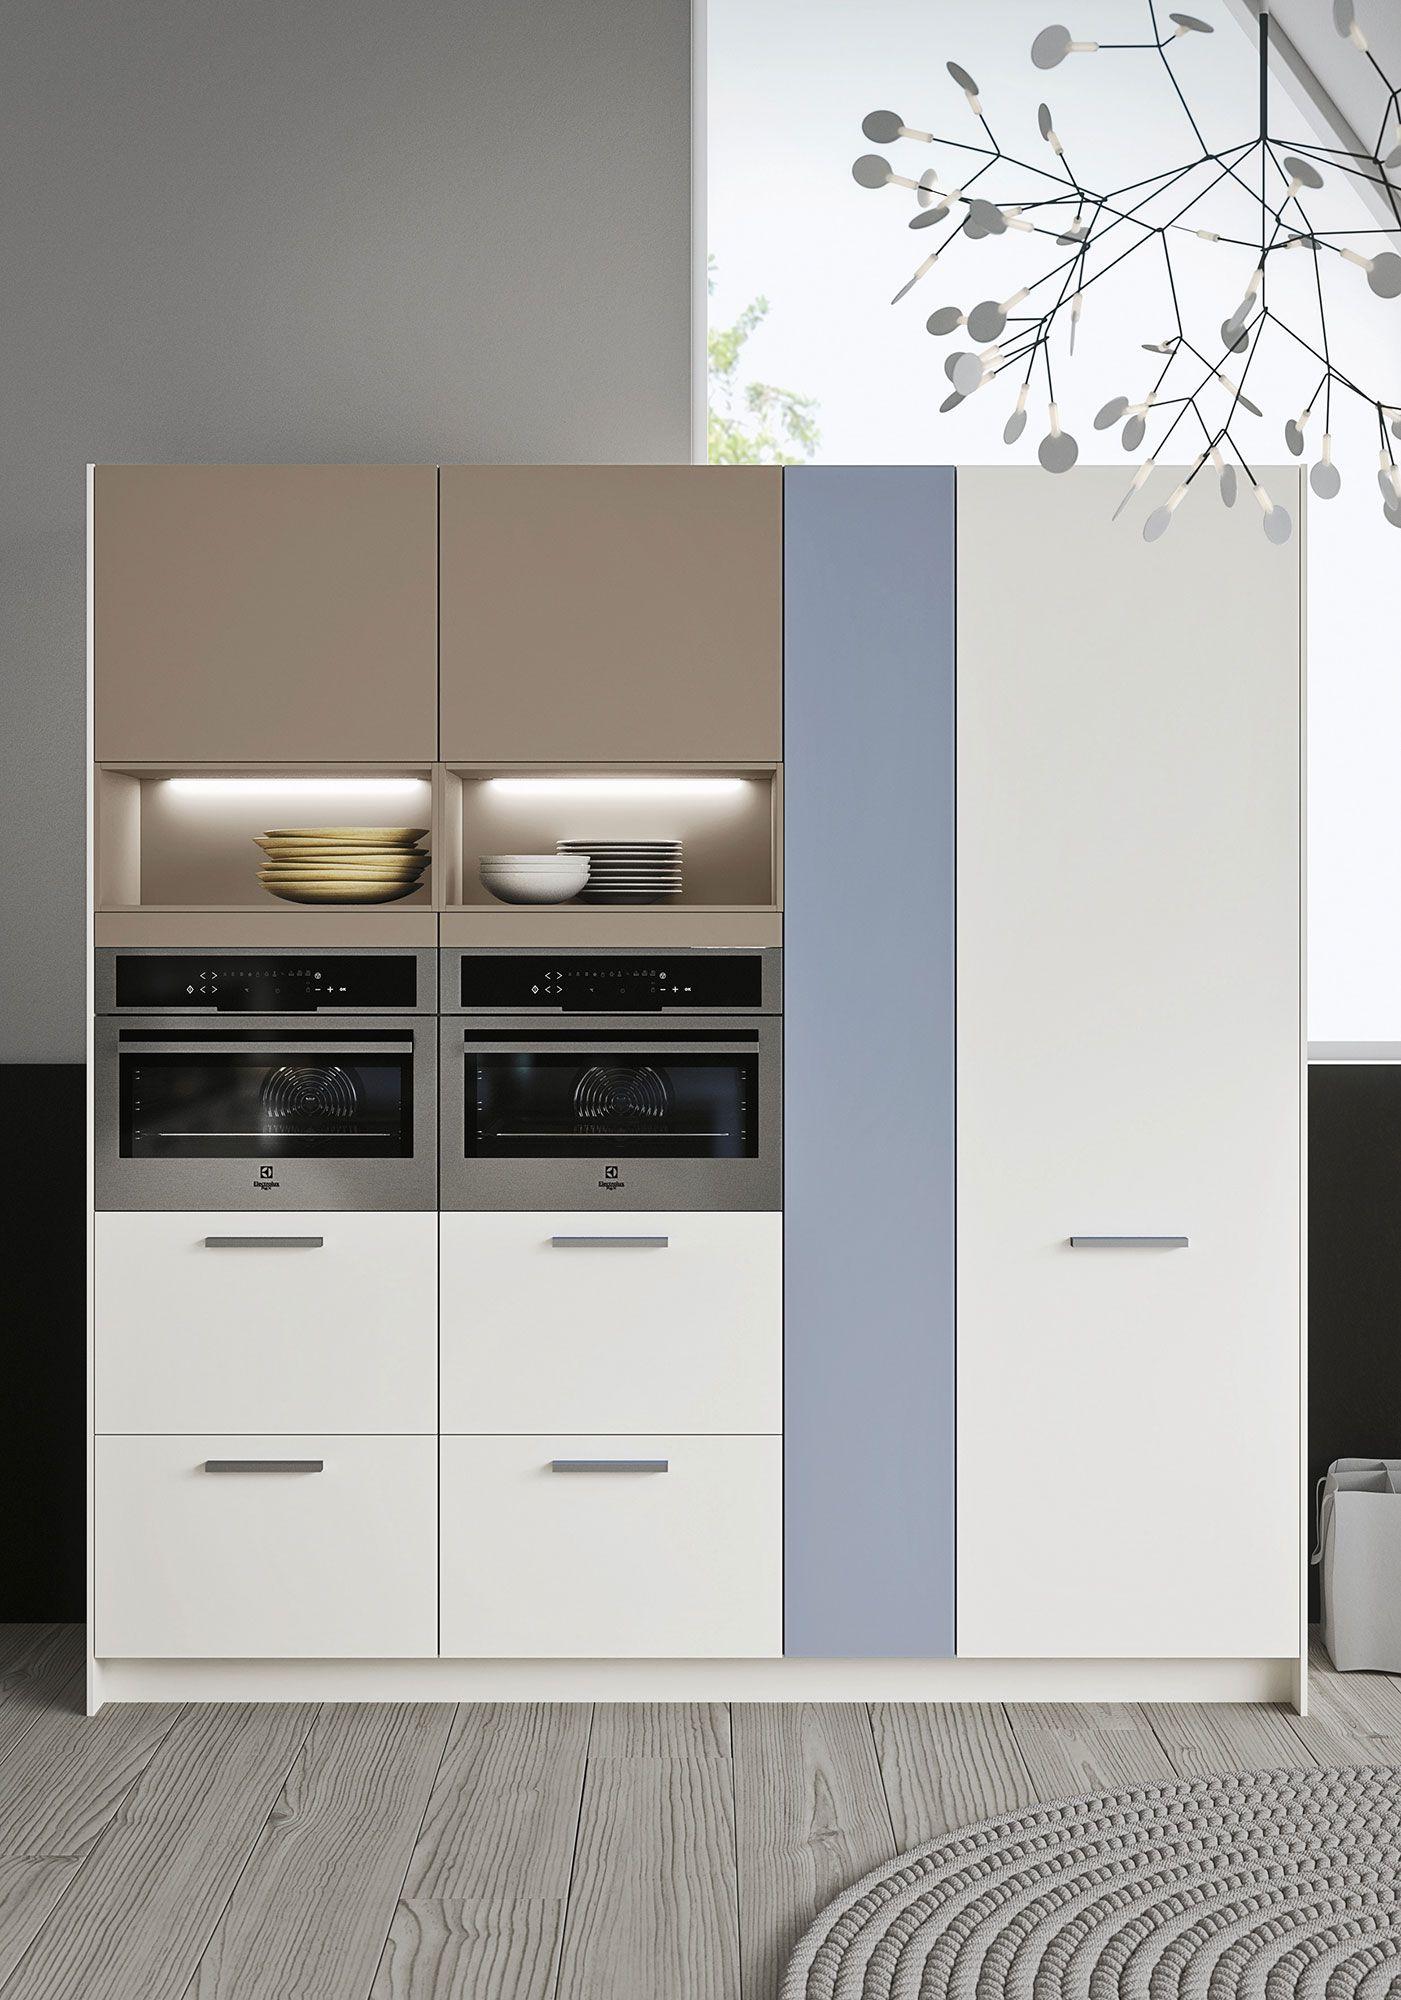 Cucine componibili in legno: design e flessibilità con Code ...